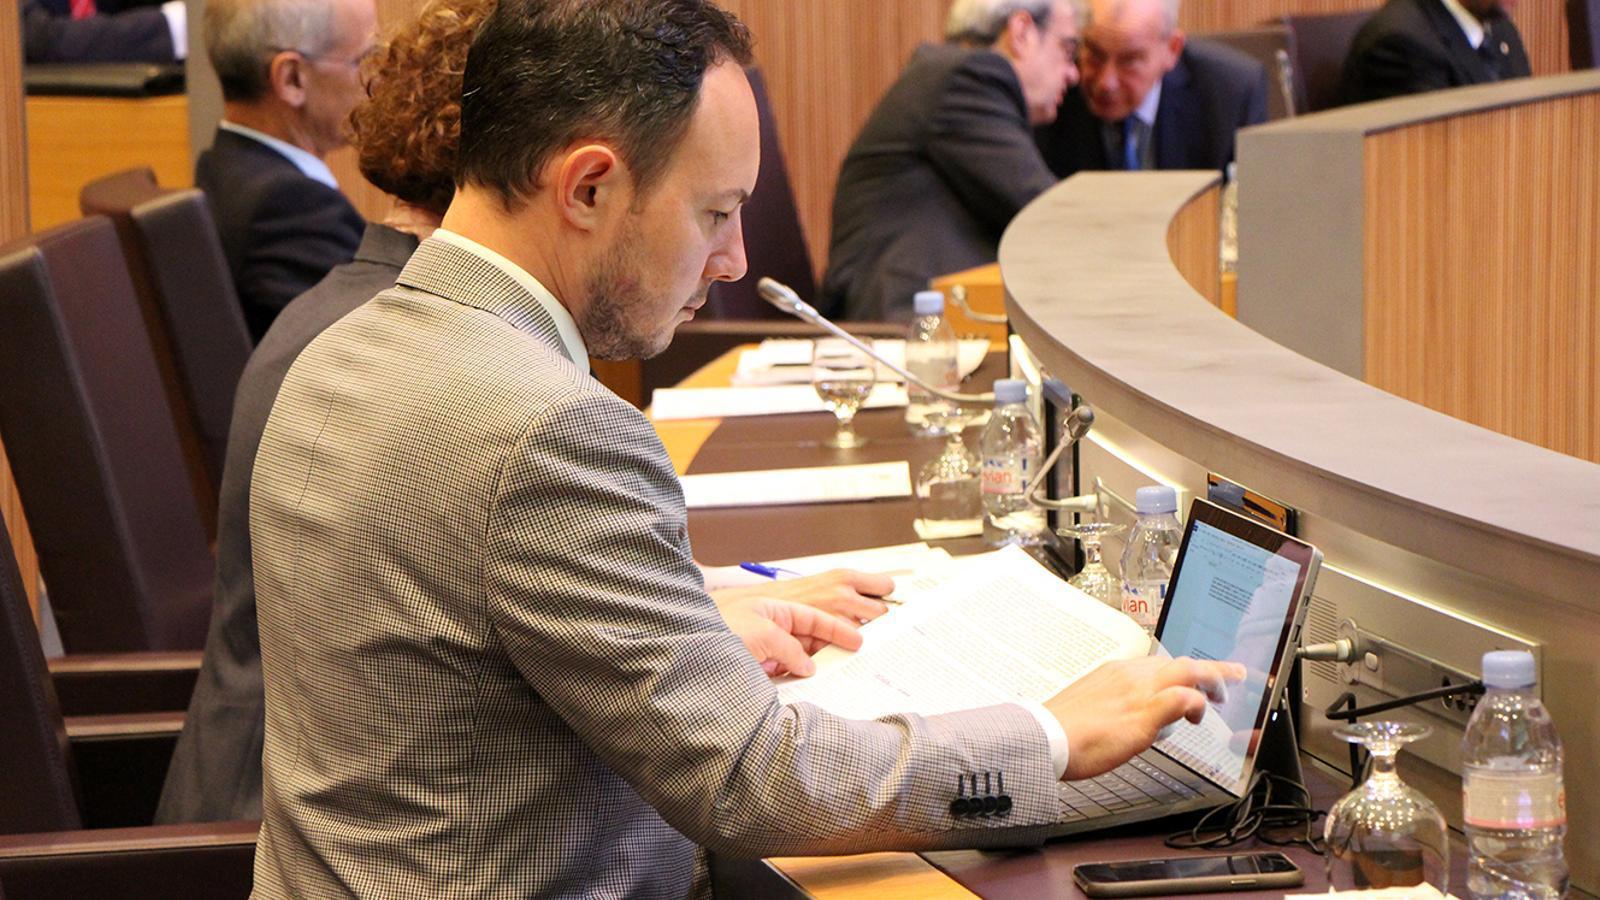 El ministre Xavier Espot en una sessió del Consell General. / ARXIU ANA